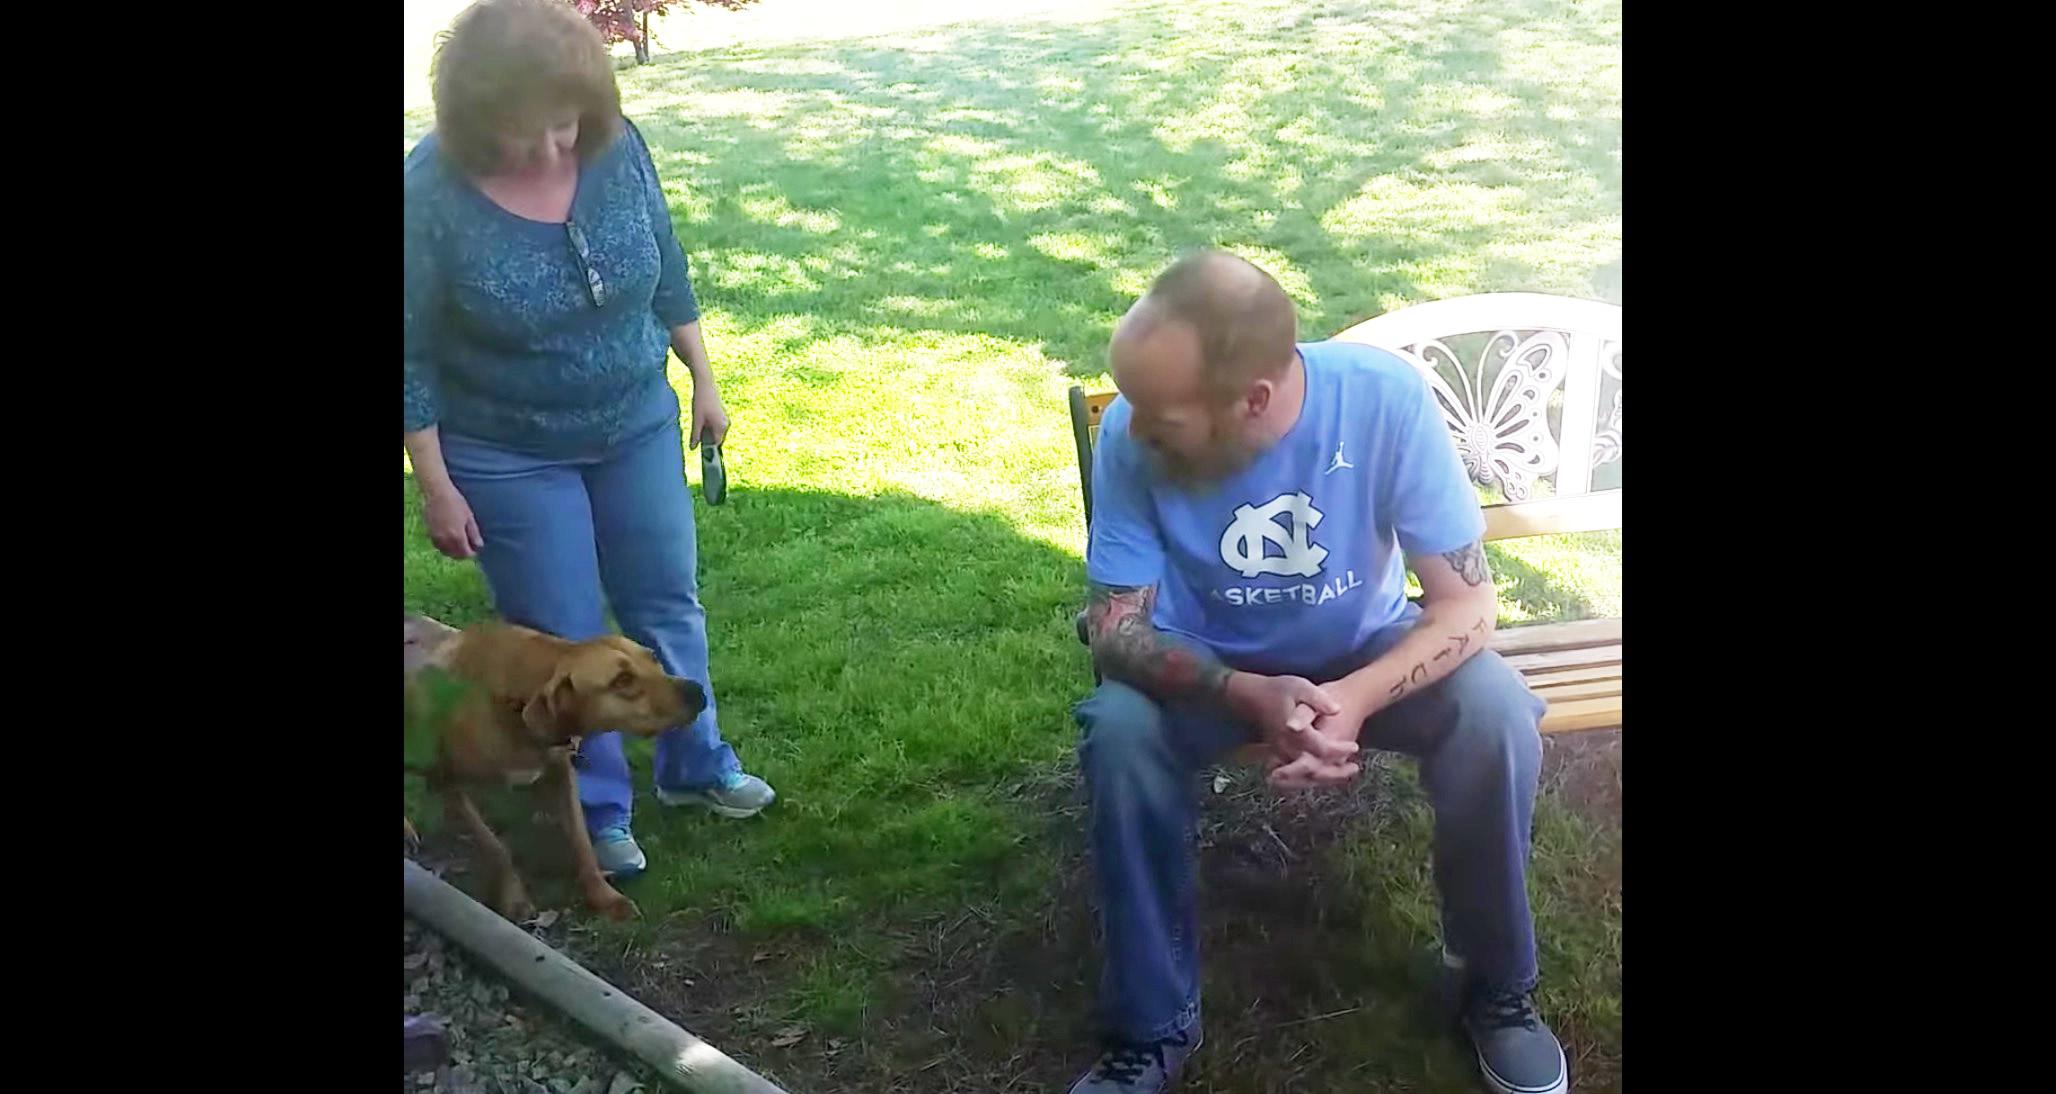 病気で痩せ別人になってしまった飼い主に2ヶ月ぶりに会った犬。威嚇していたものの匂いを嗅いだ瞬間!!